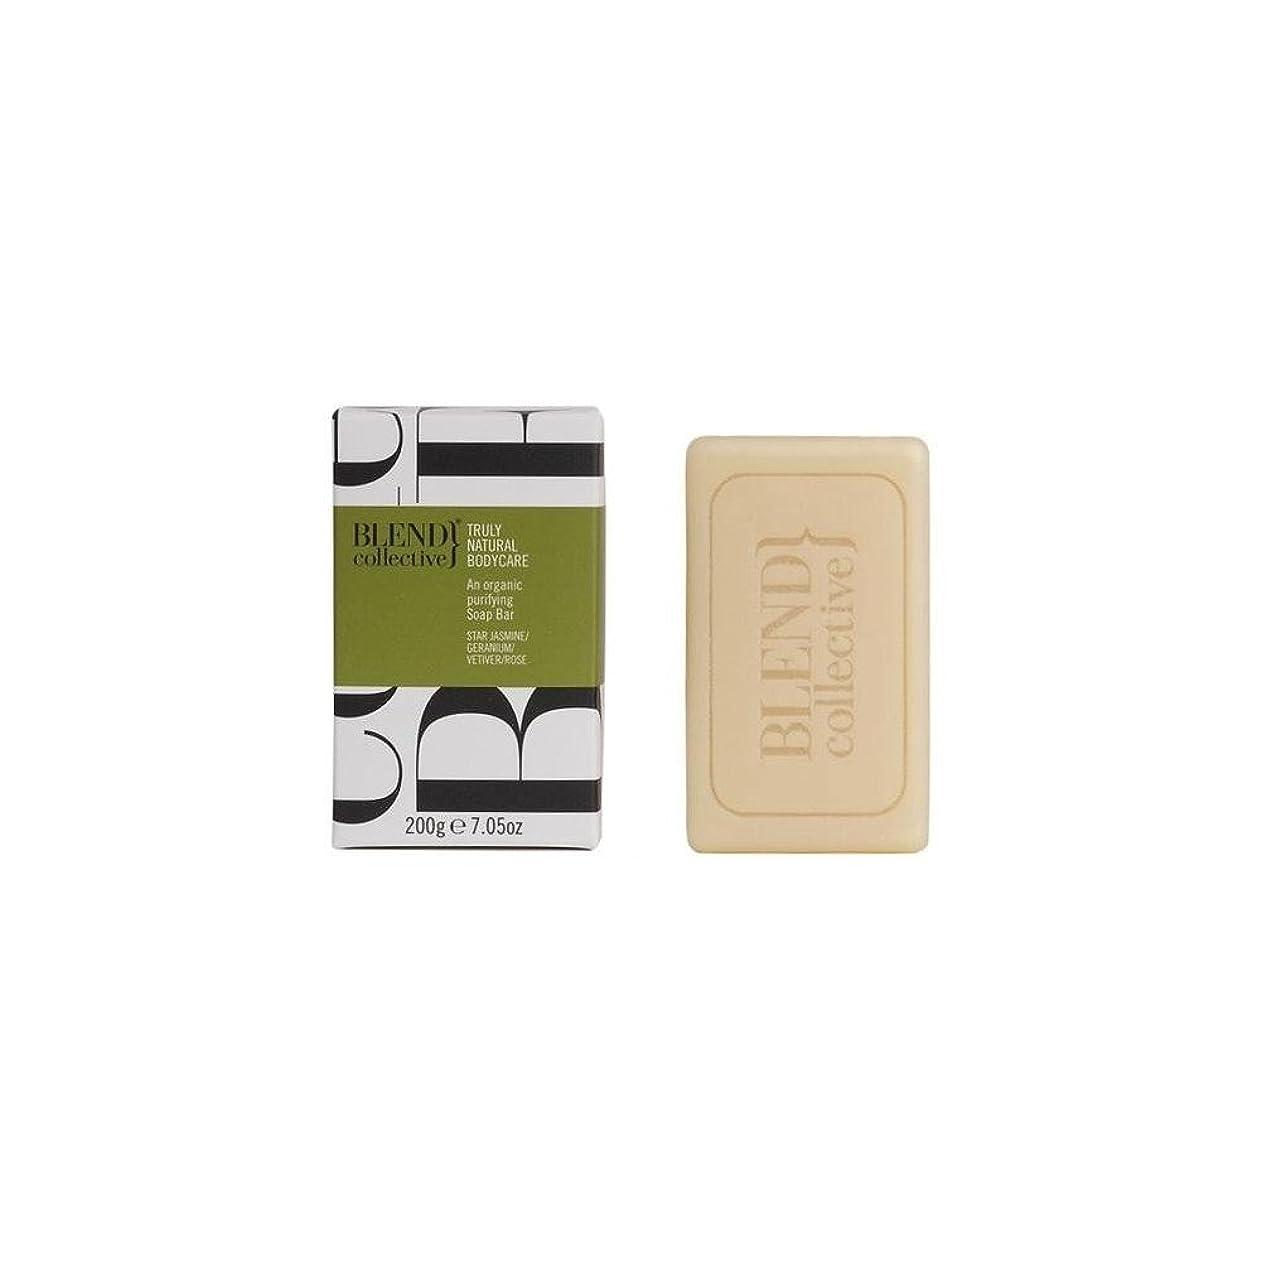 ありふれた反発解釈的Blend Collective Balancing Soap Bar (200g) 集団バランシングソープバー( 200グラム)をブレンド [並行輸入品]